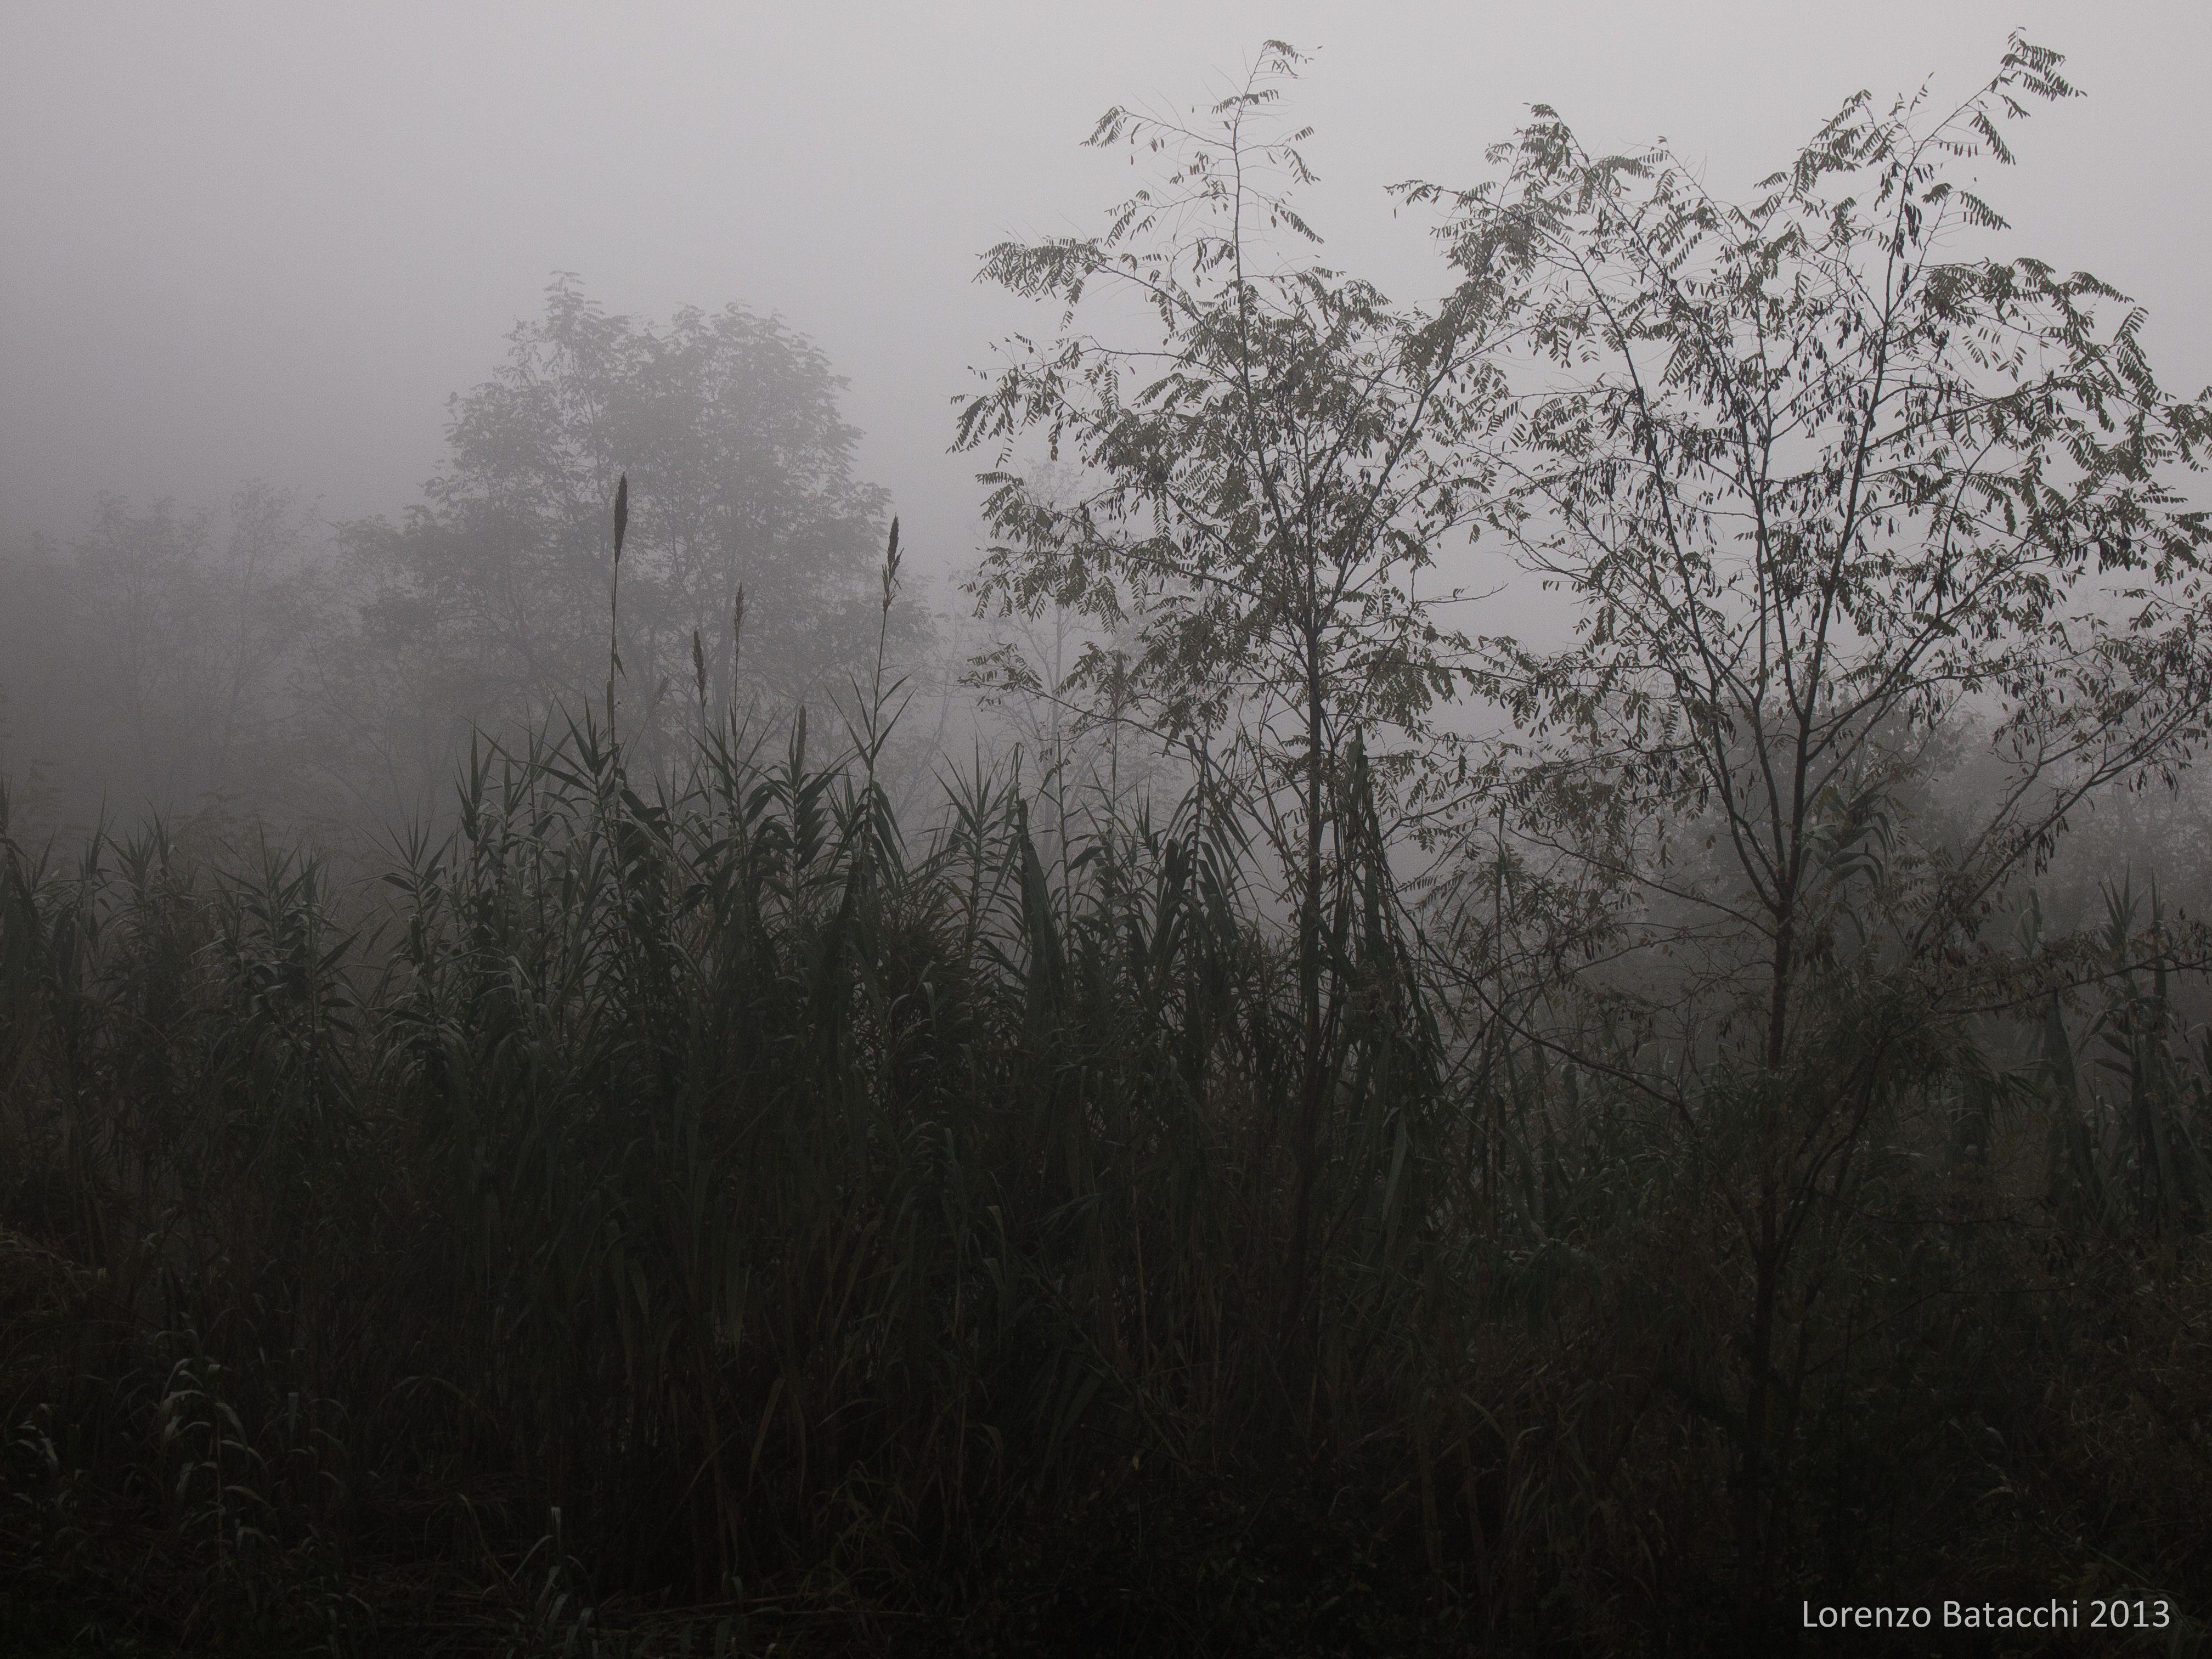 una fredda, nebbiosa mattinata, vista dal cimitero di Settignano.